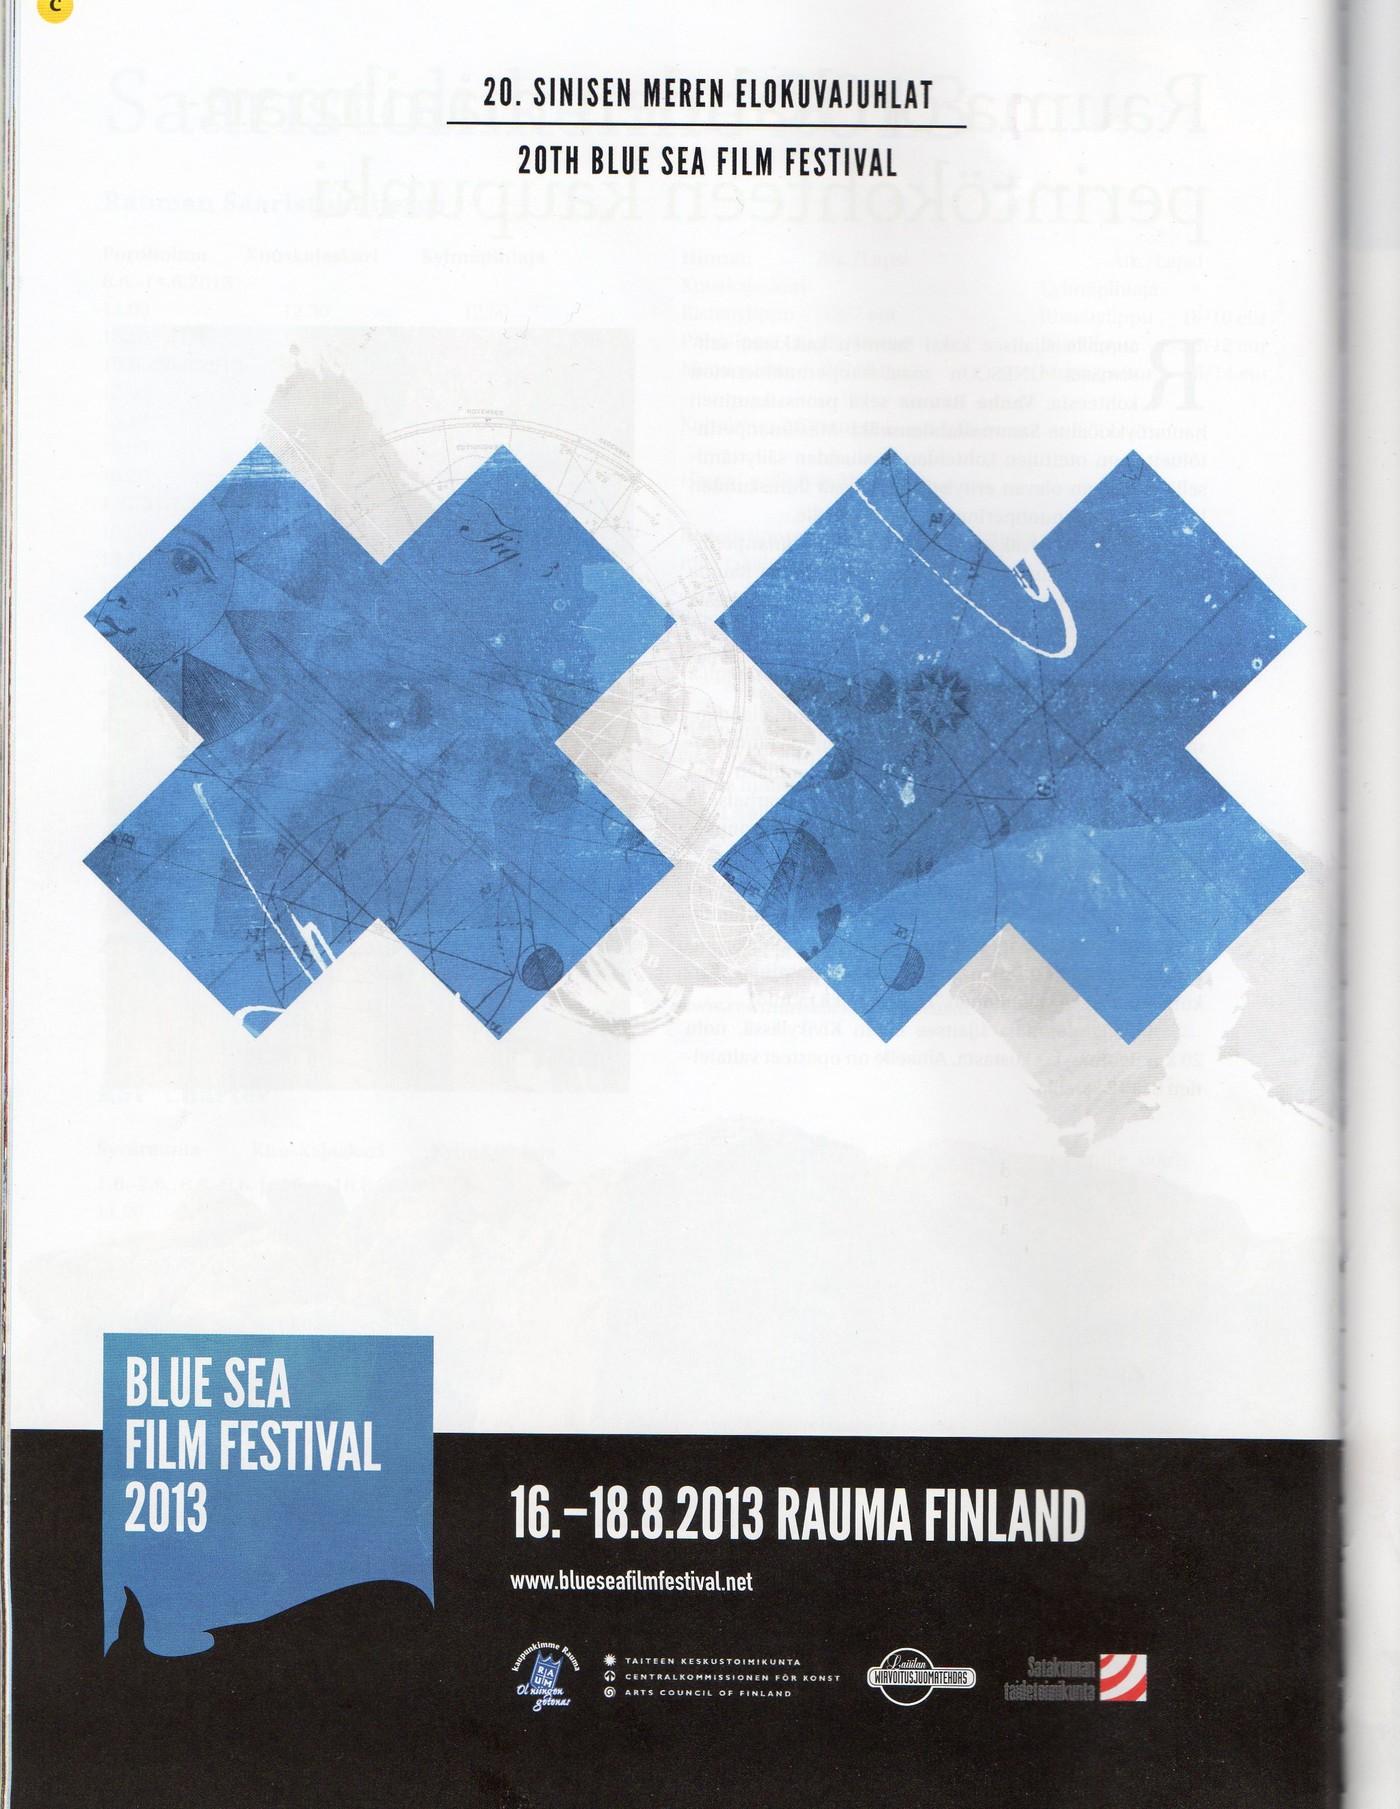 20th Blue Sea Film Festival (Rauma, Finland)